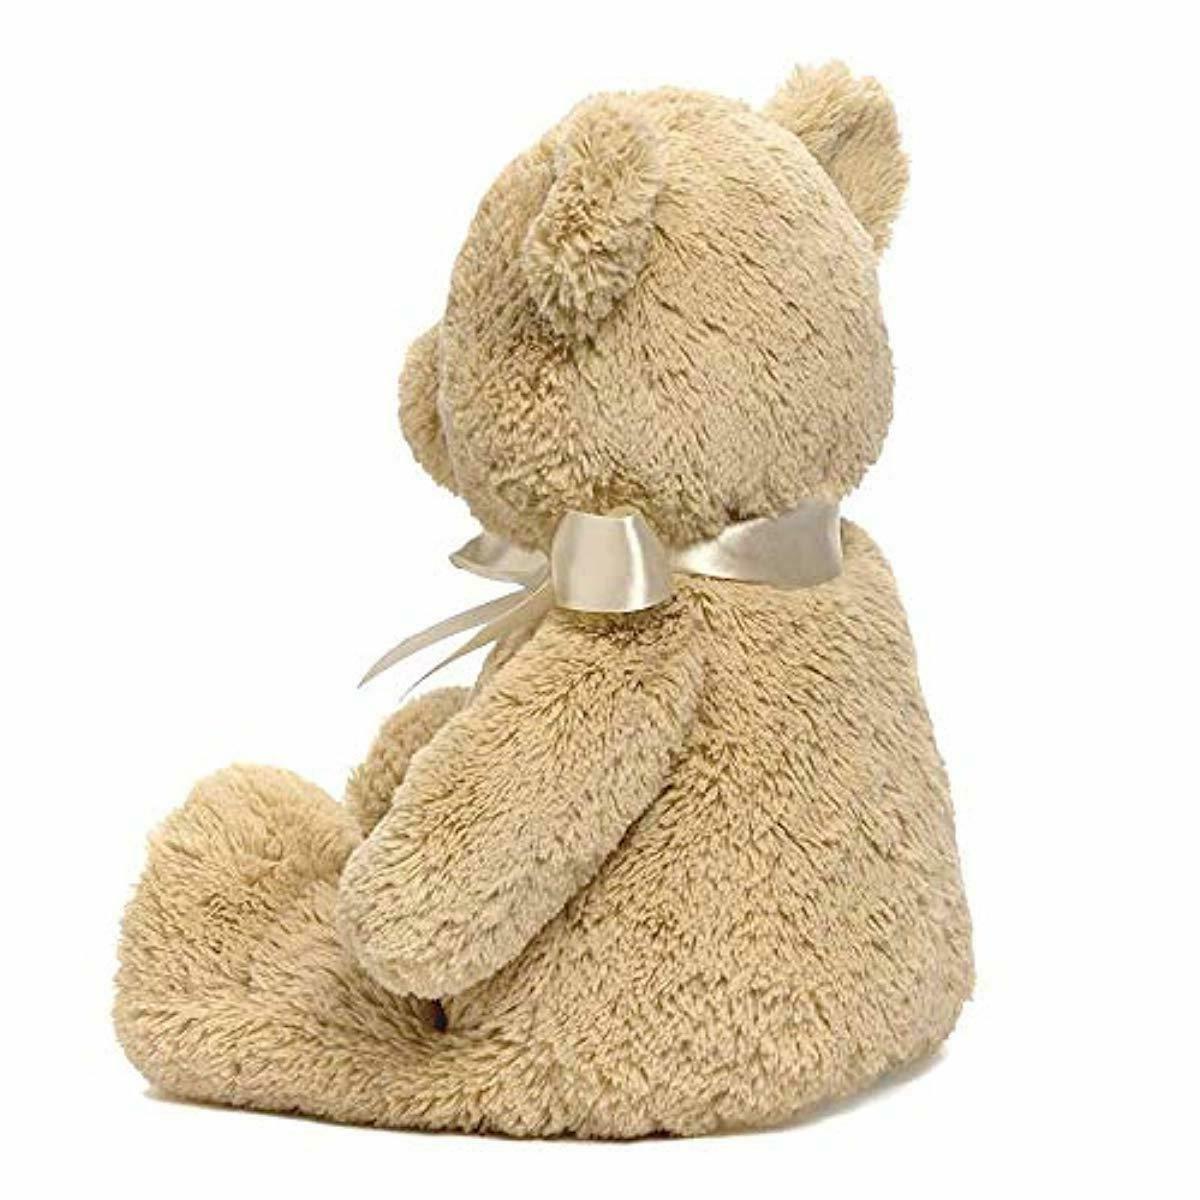 Teddy Stuffed Plush,